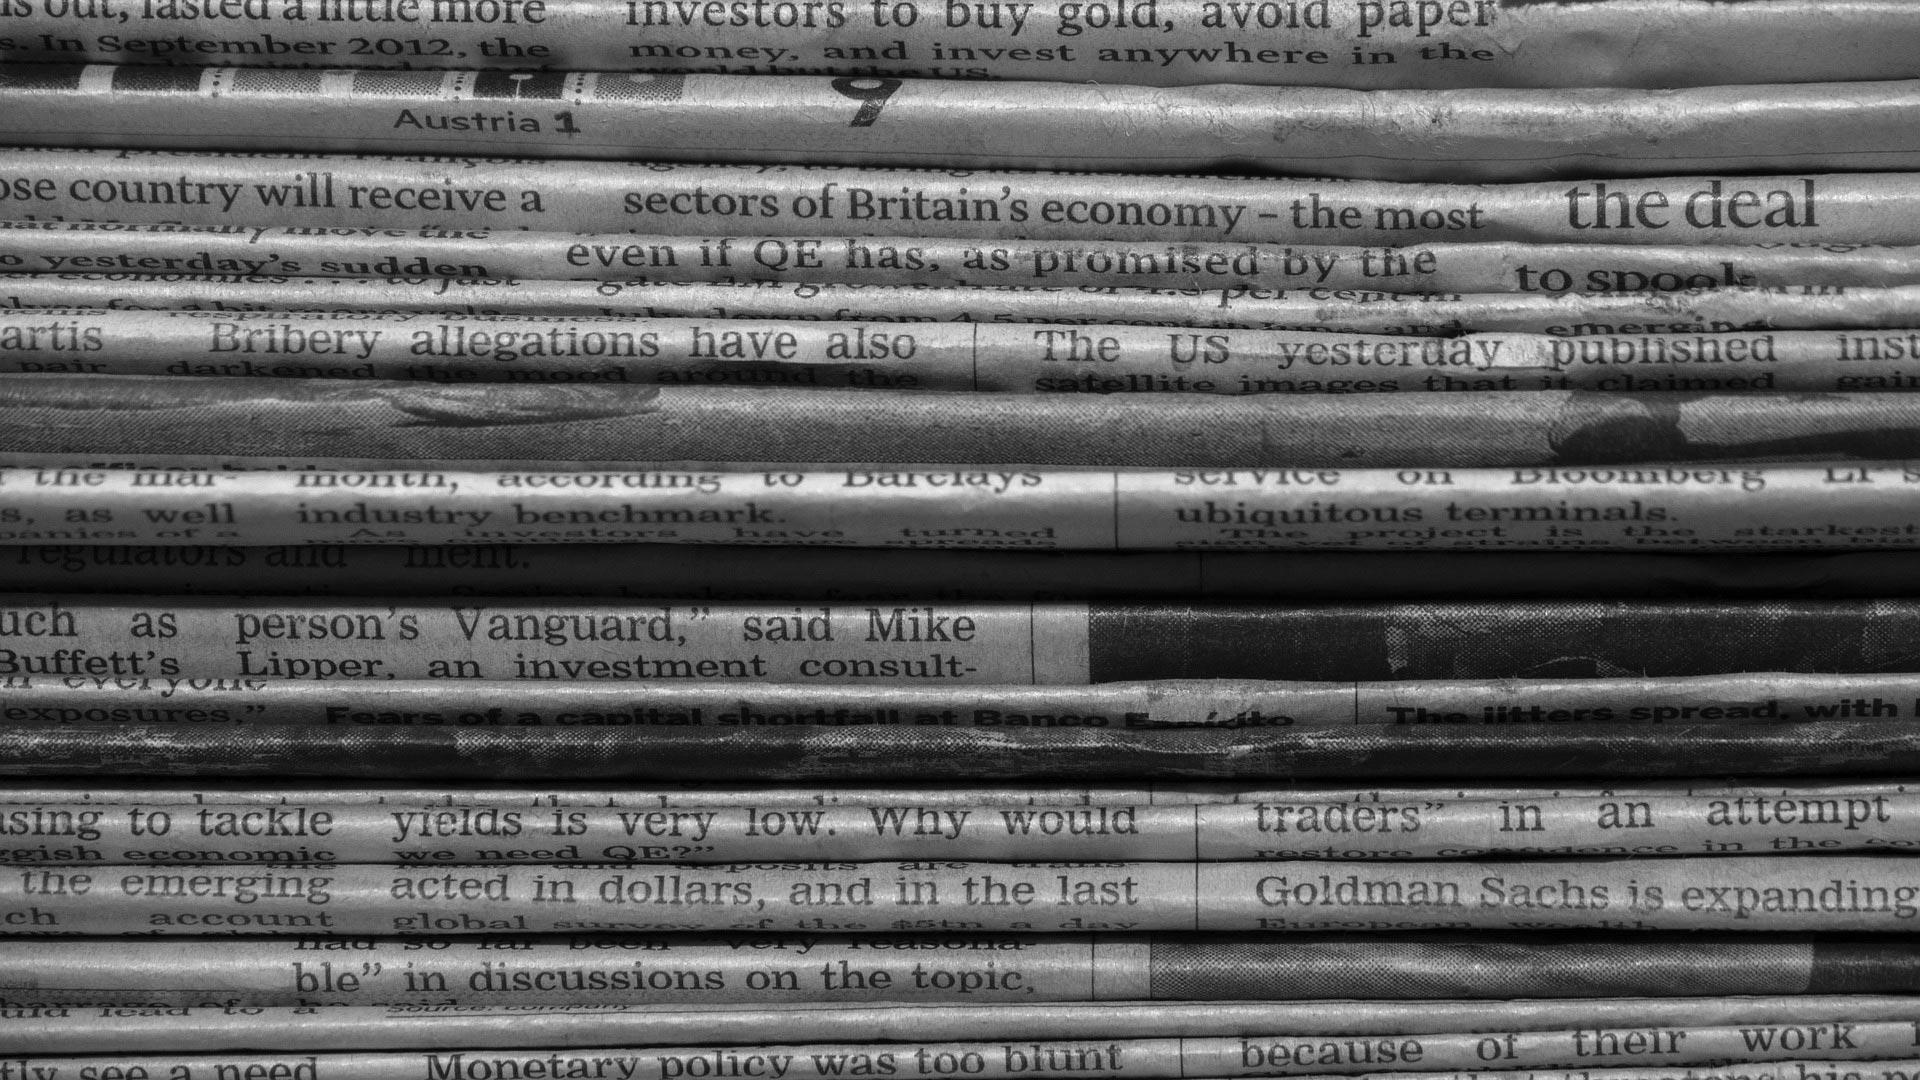 background newspaper - <b>Від новин голова обертом:</b> як бути в курсі подій і не з'їхати з глузду? - Заборона